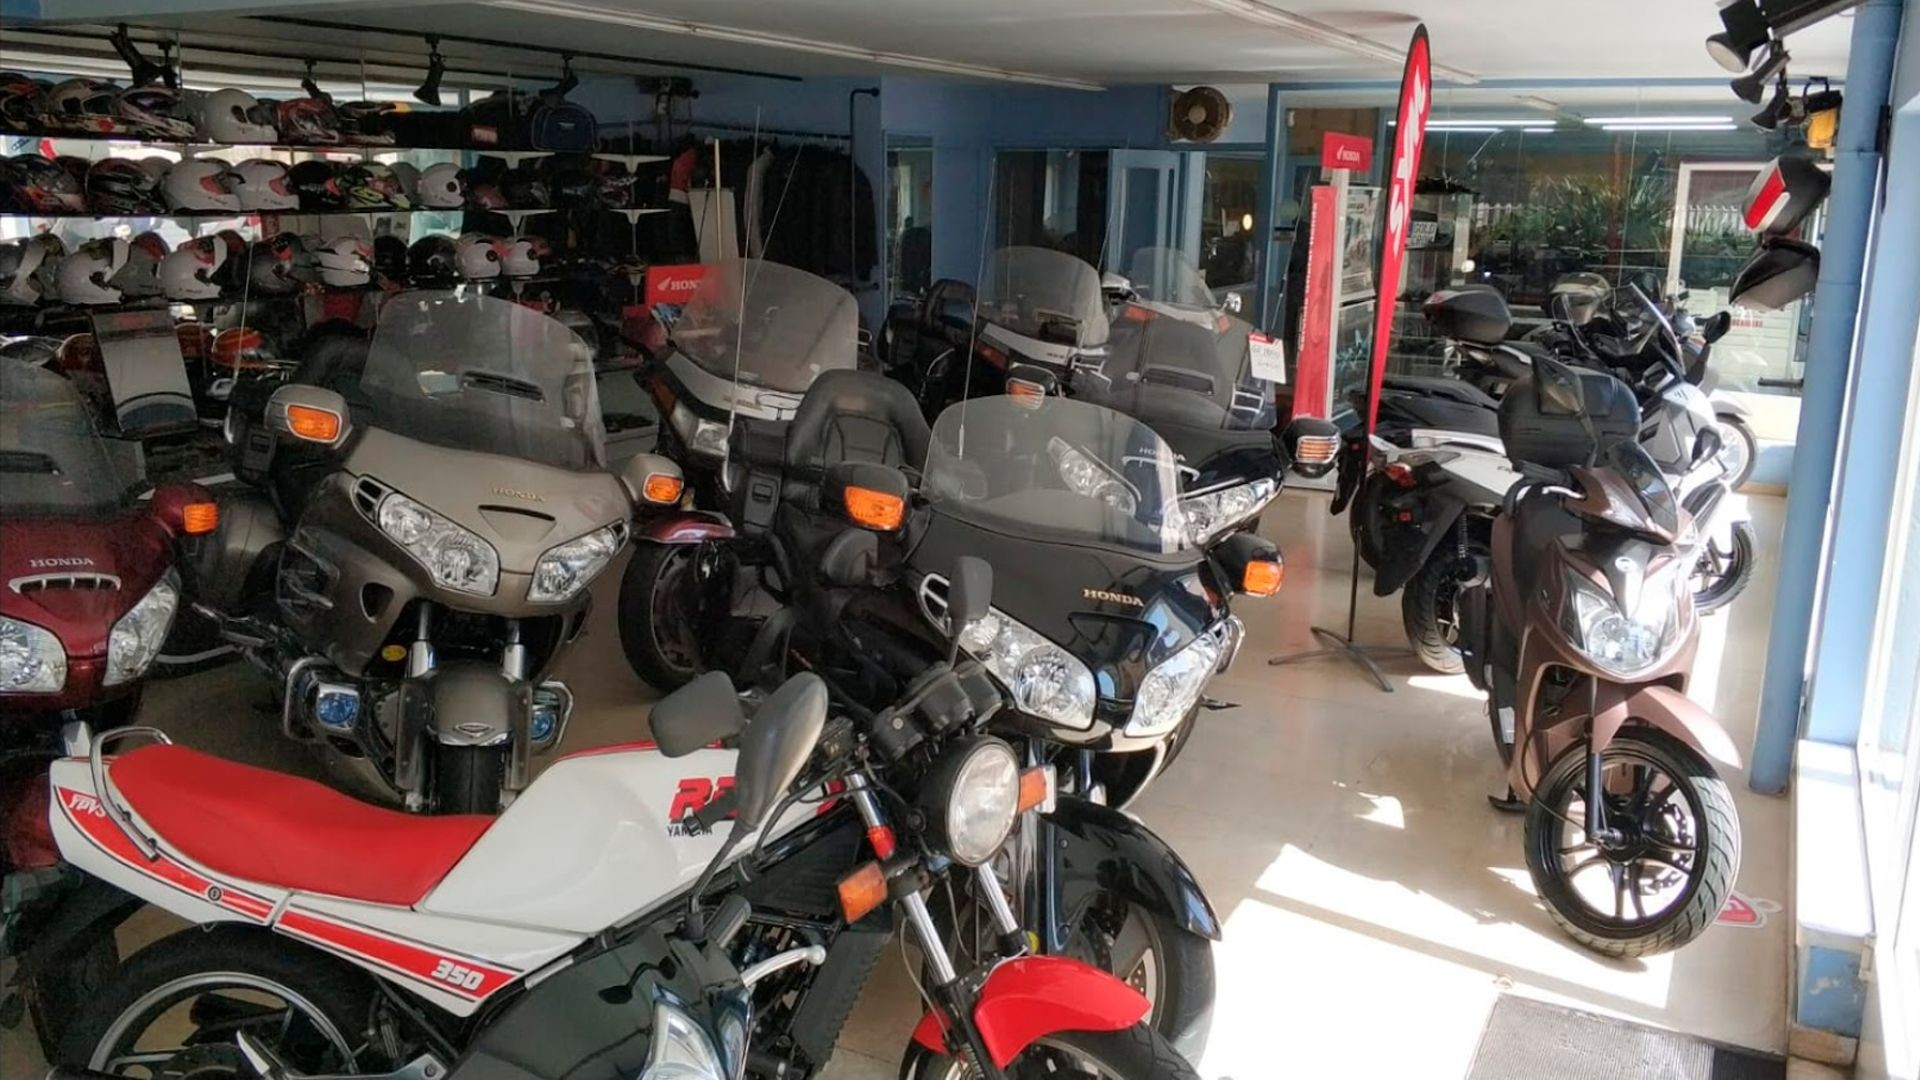 Revisión de motos en Vilassar de Mar